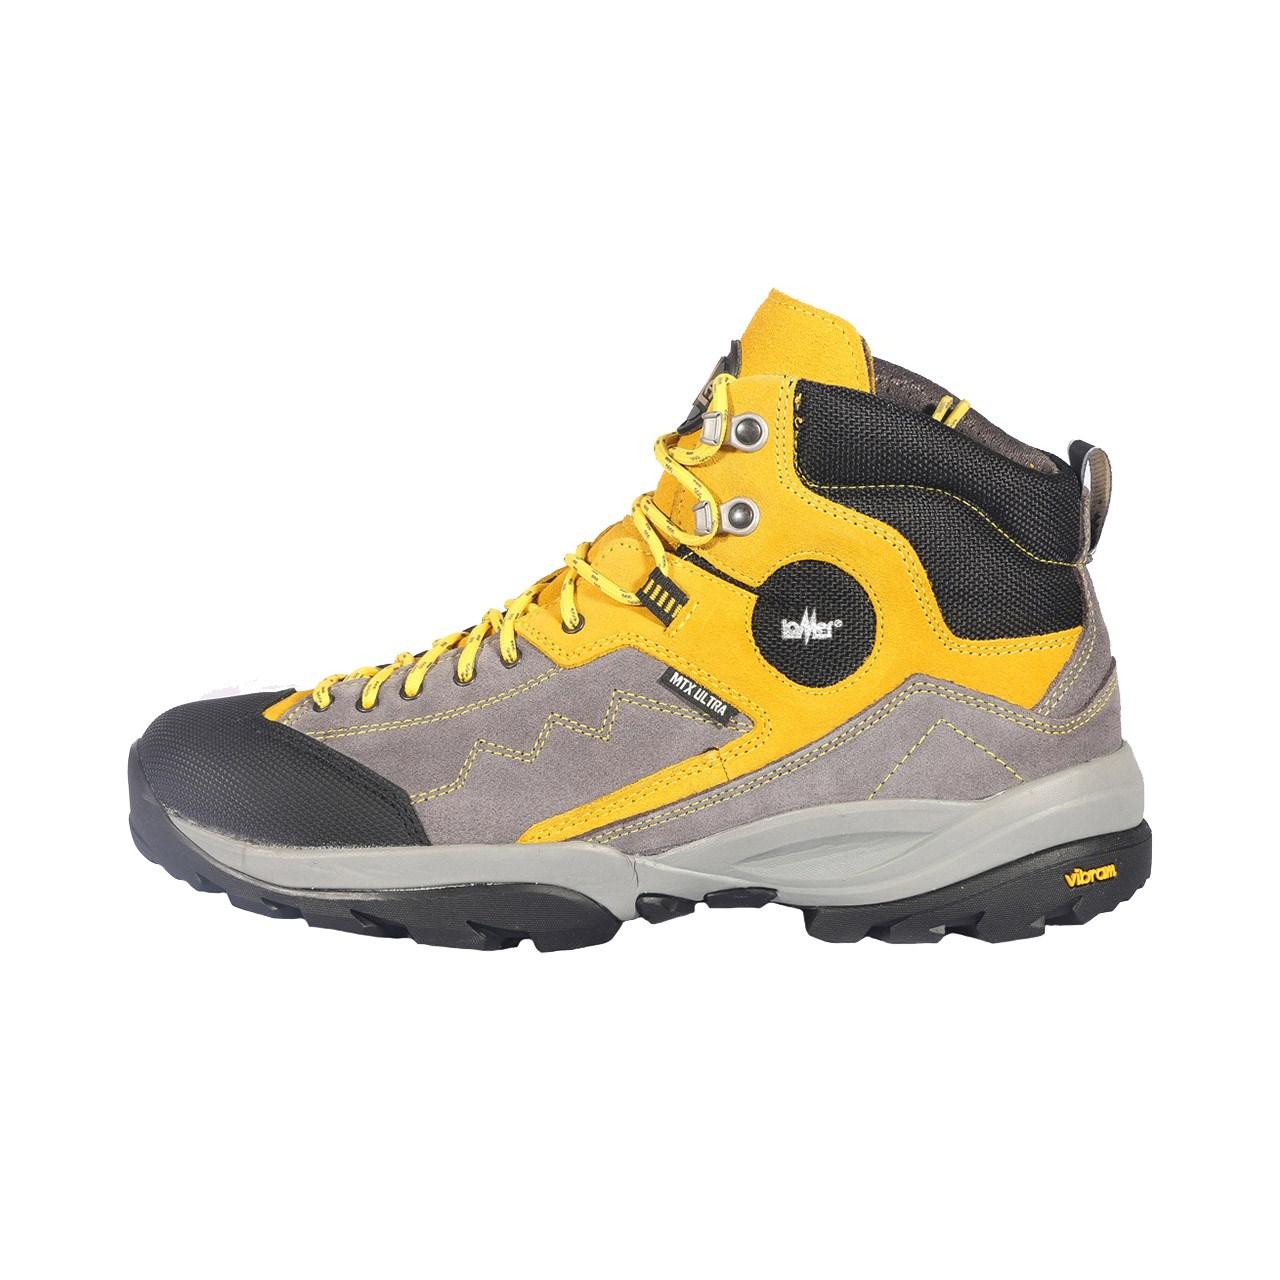 کفش کوهنوردی مردانه لومر مدل patagonia mtx ultra brain/yellow